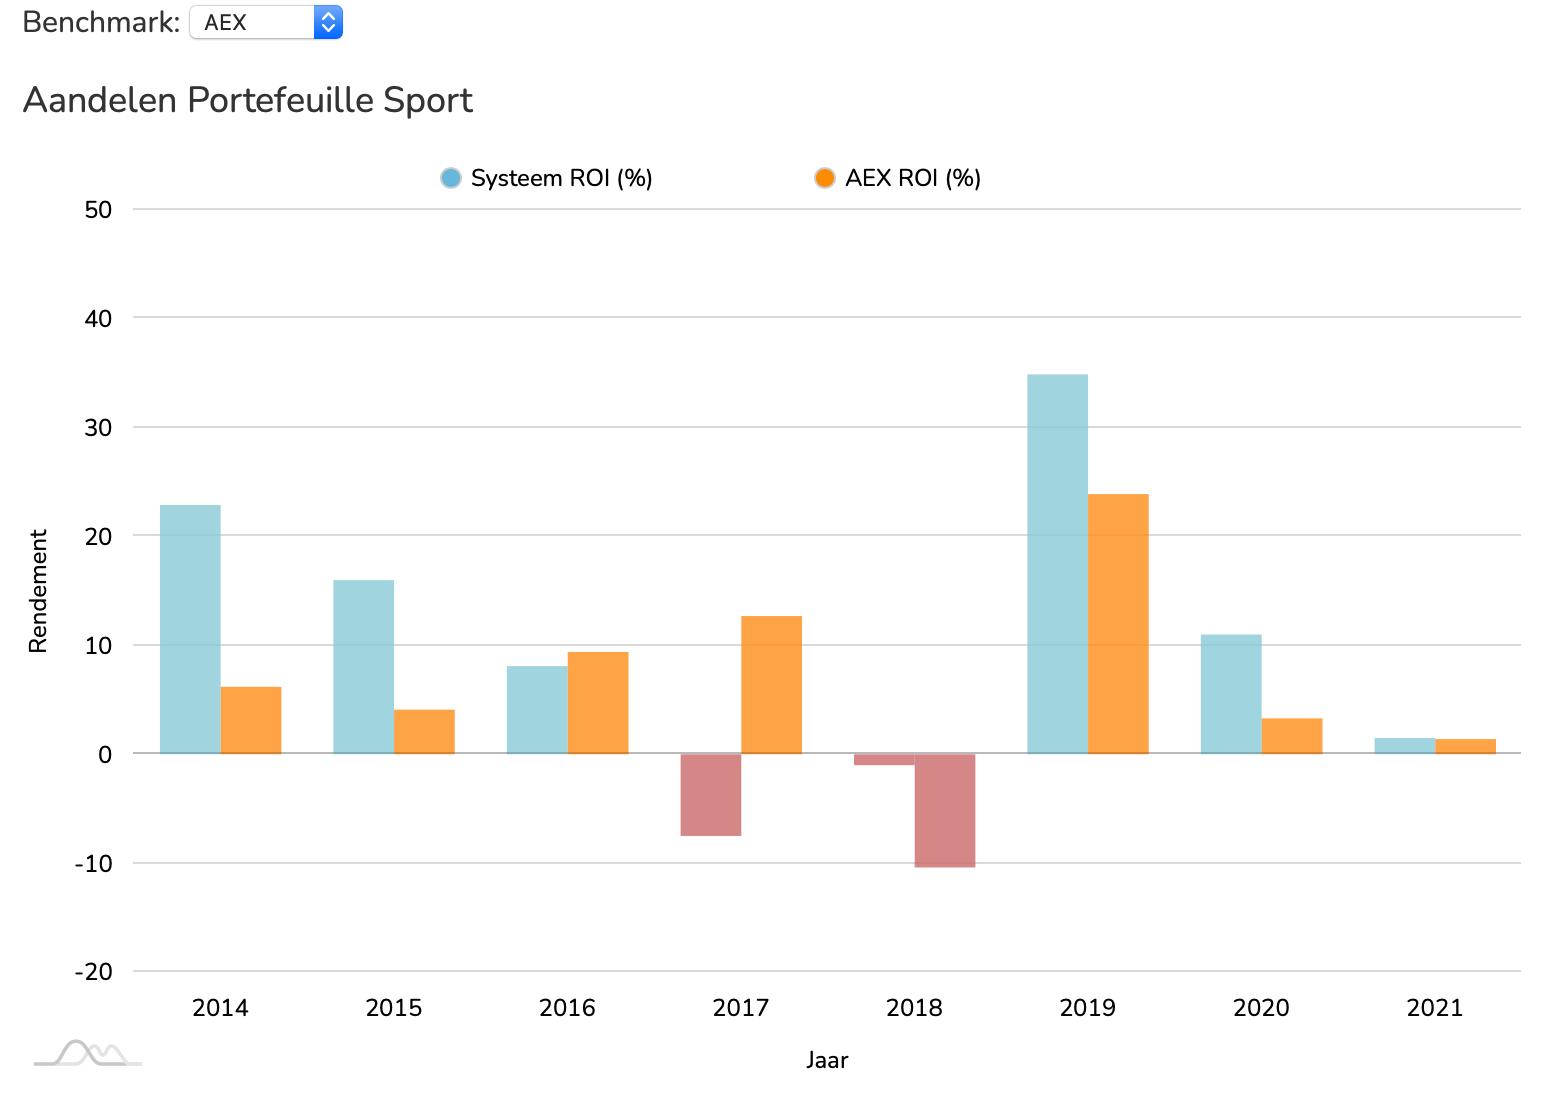 Aandelen Sport ROI vs AEX